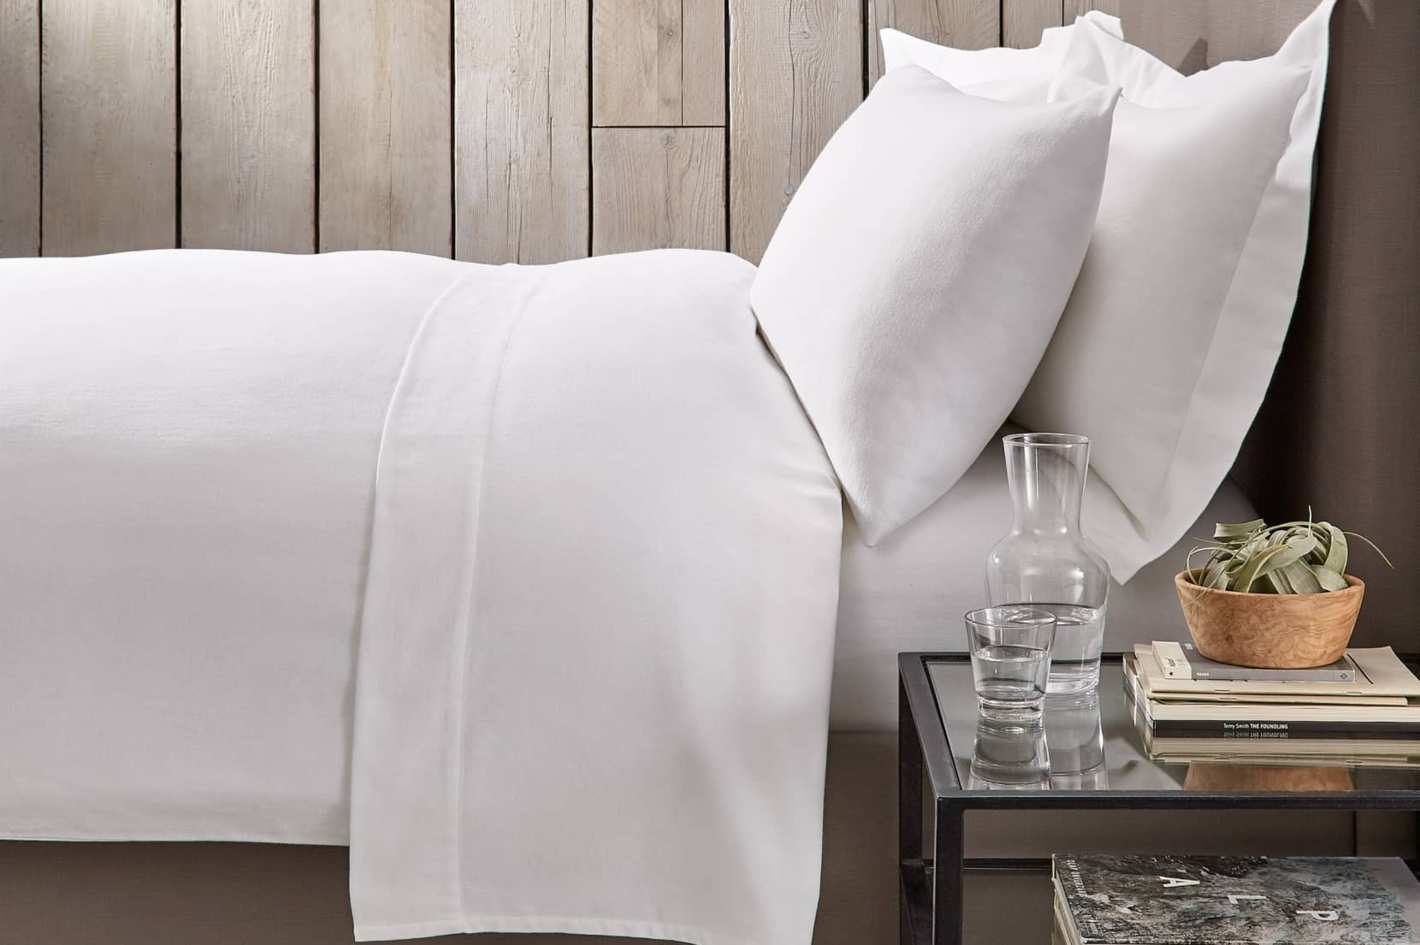 d2d7d7de068 The White Company Harrison Flannel Duvet Cover